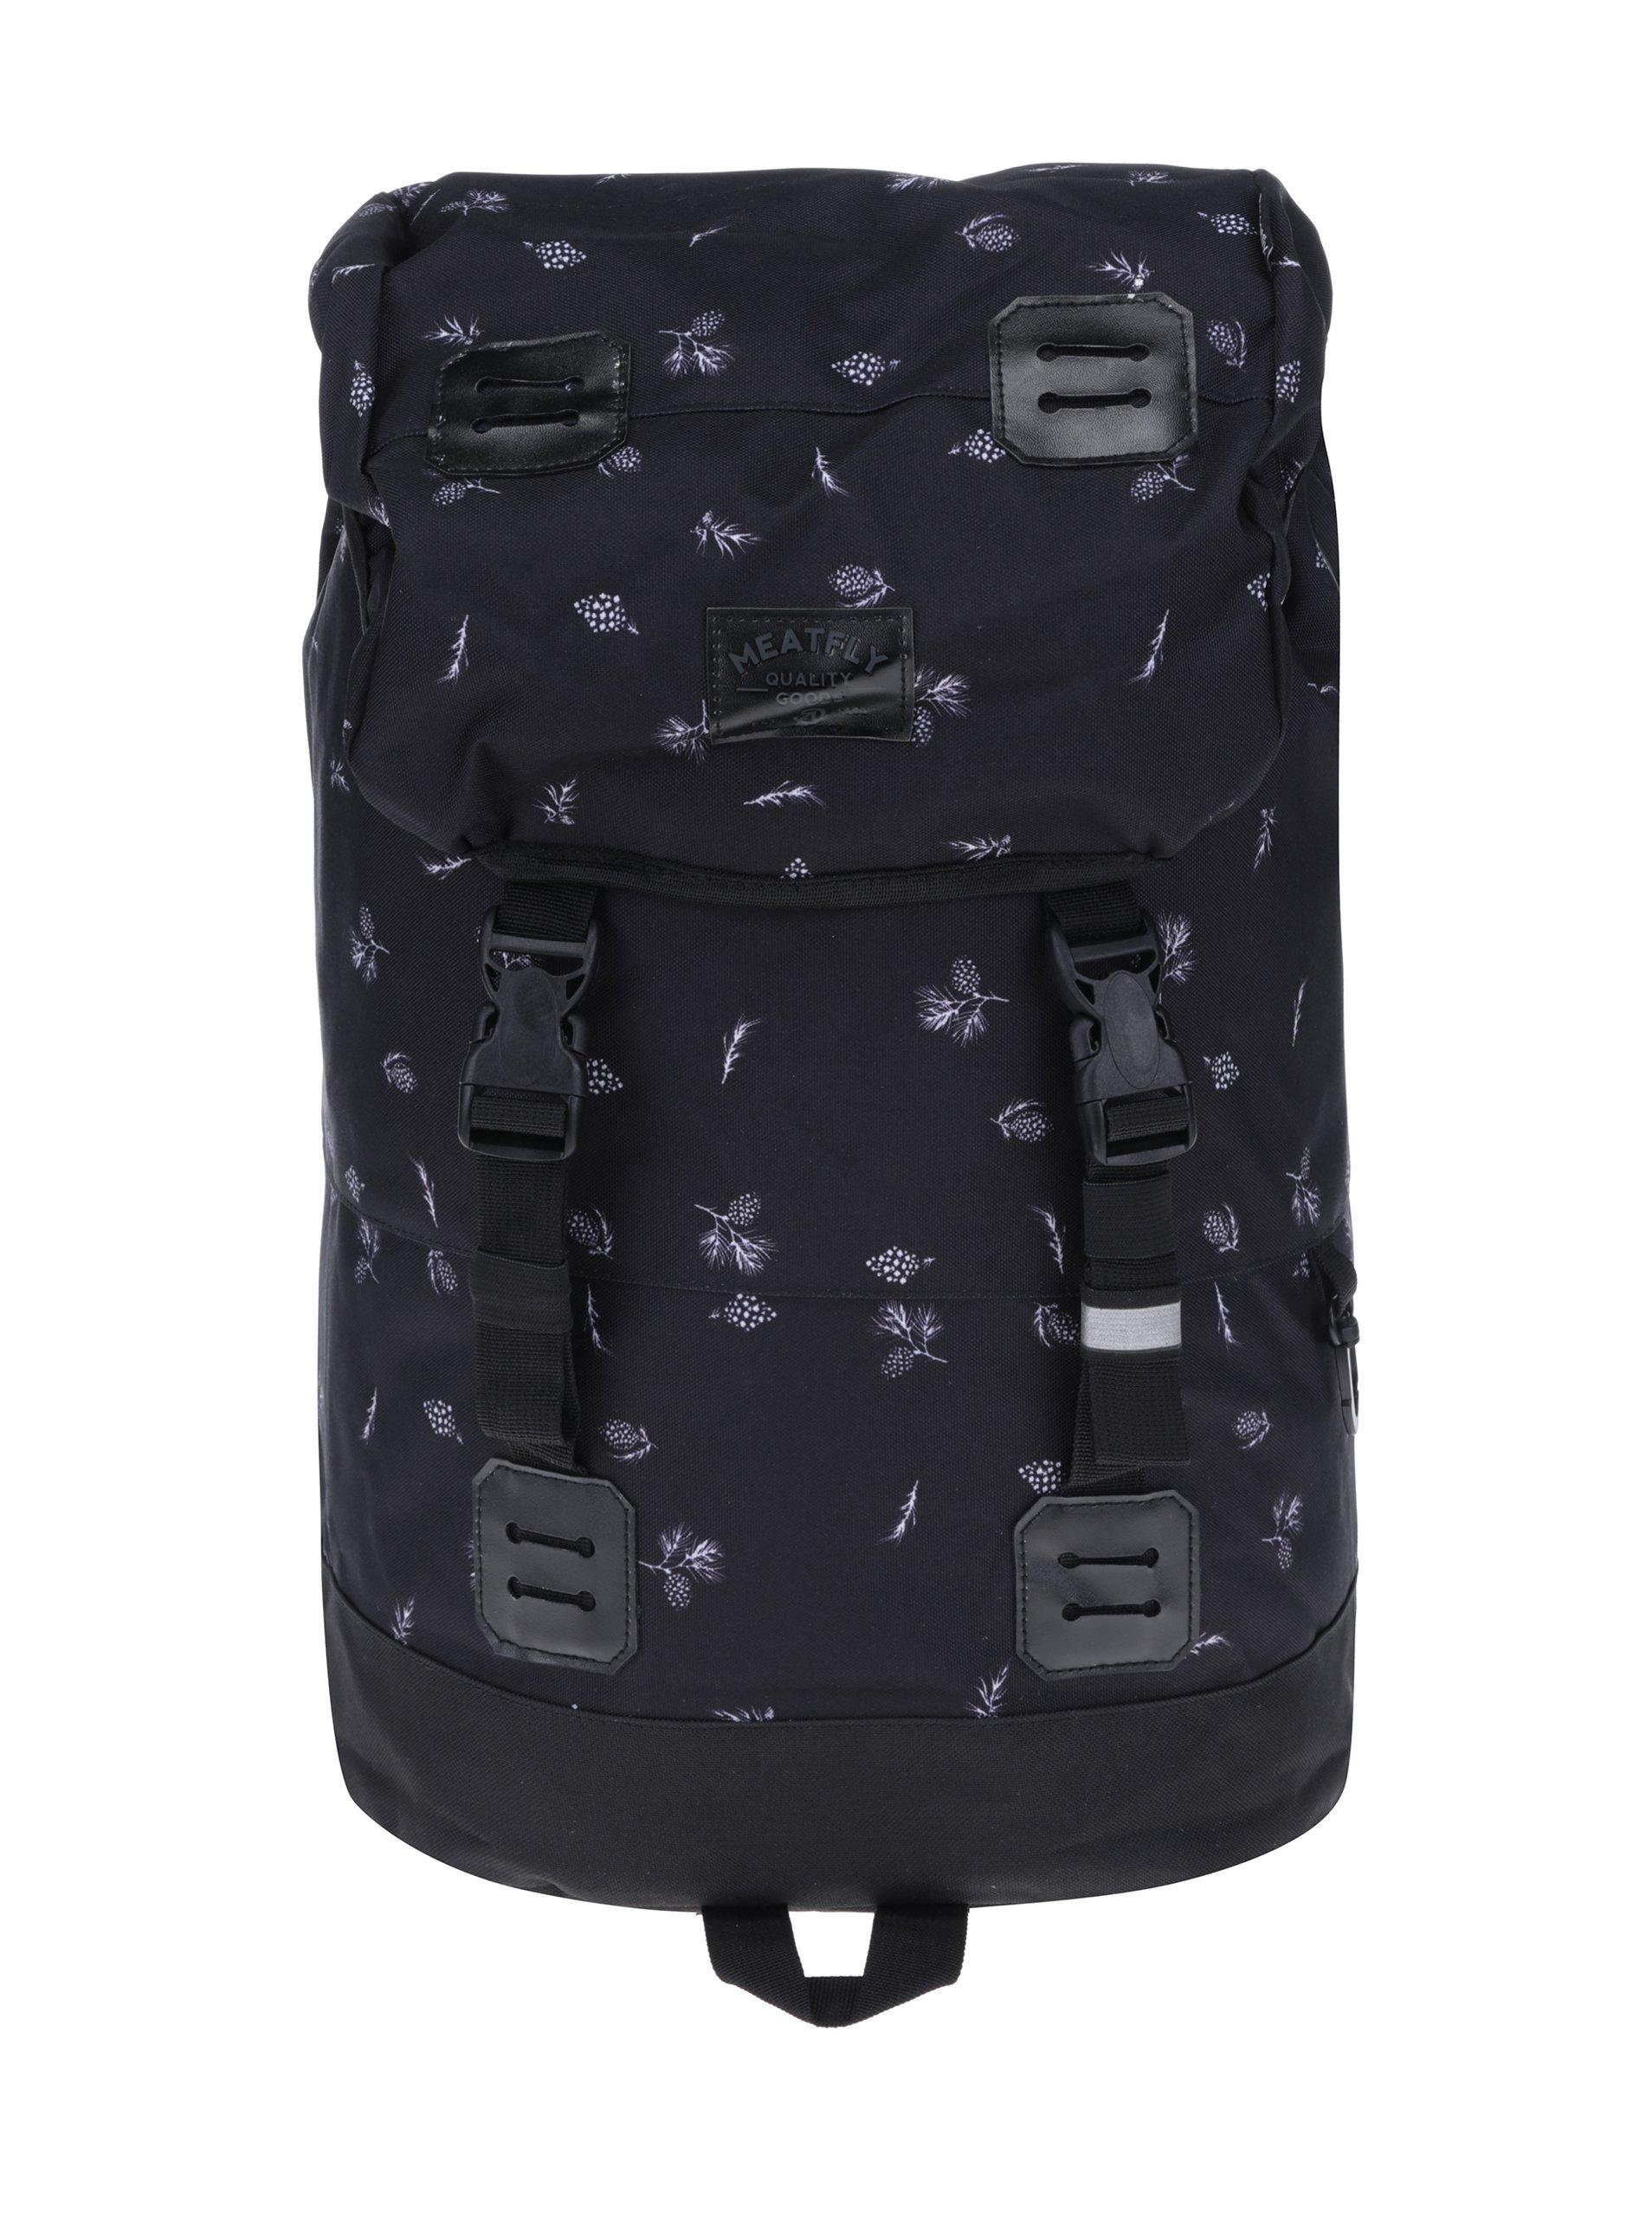 Černý batoh s motivem šišek Meatfly Pioneer 2 26 l